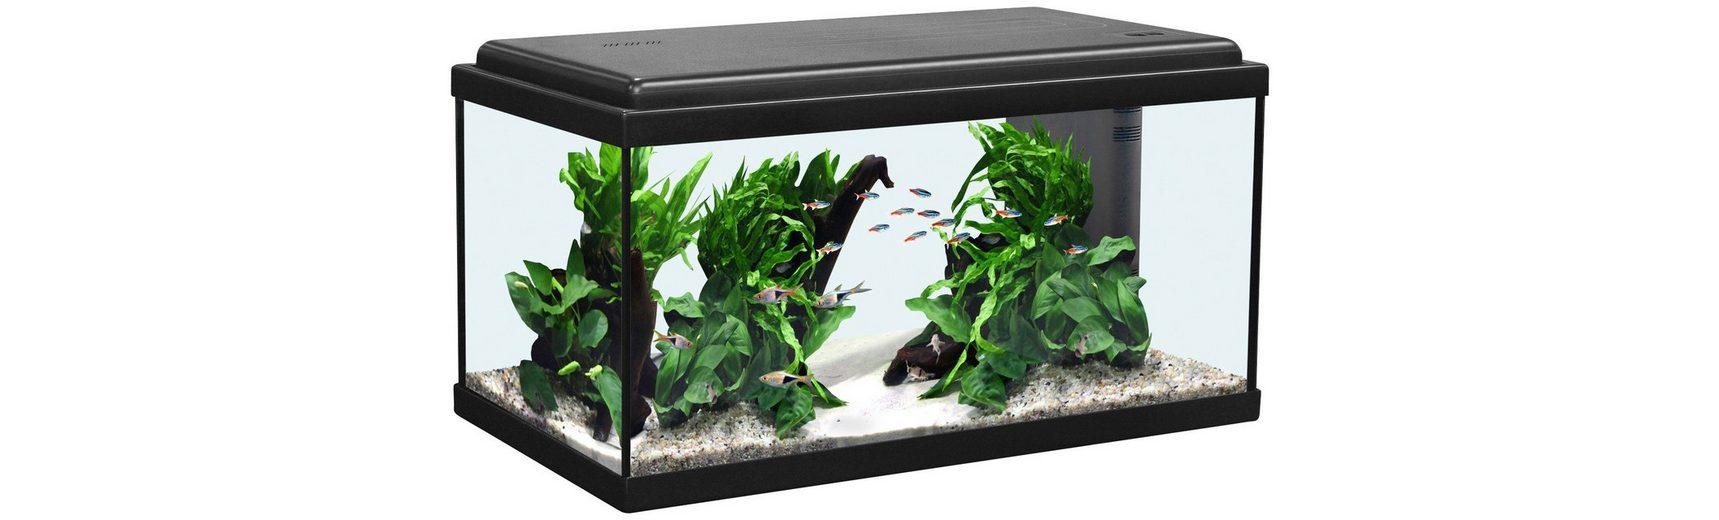 Aquarium »Advance 60 LED«